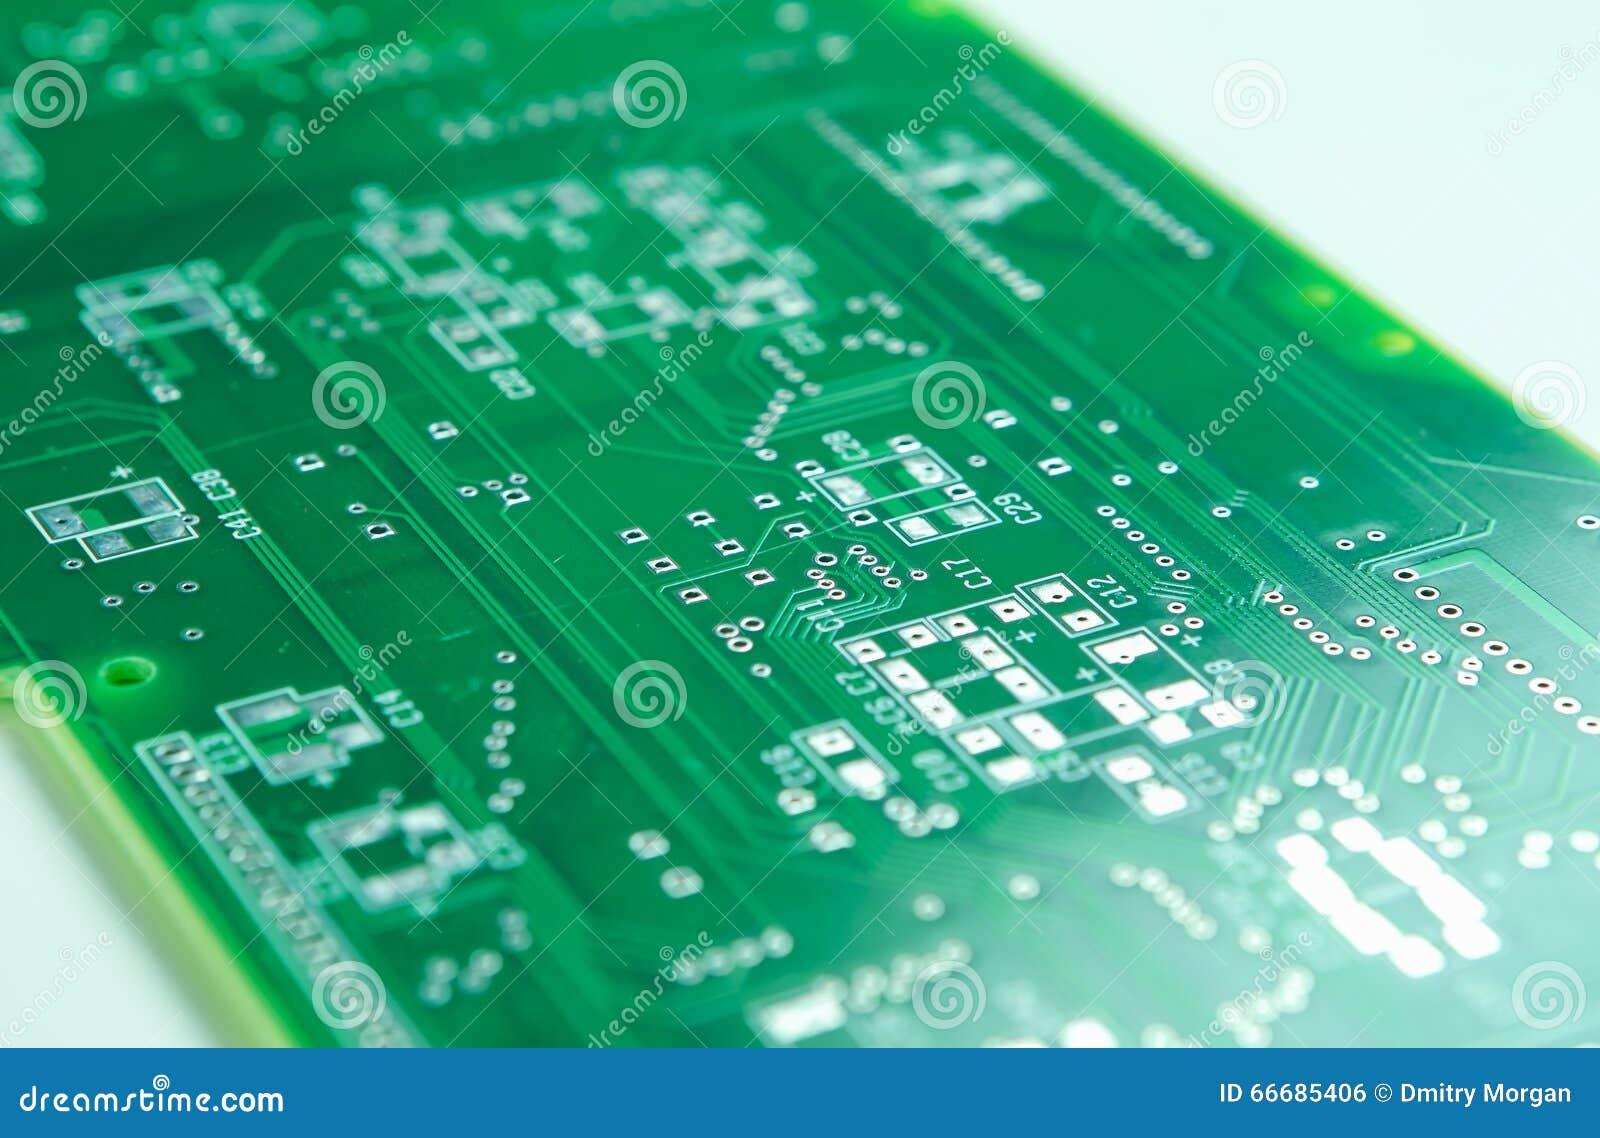 Съемка крупного плана новой платы с печатным монтажом до установка Componentry SMD и ПОГРУЖЕНИЯ